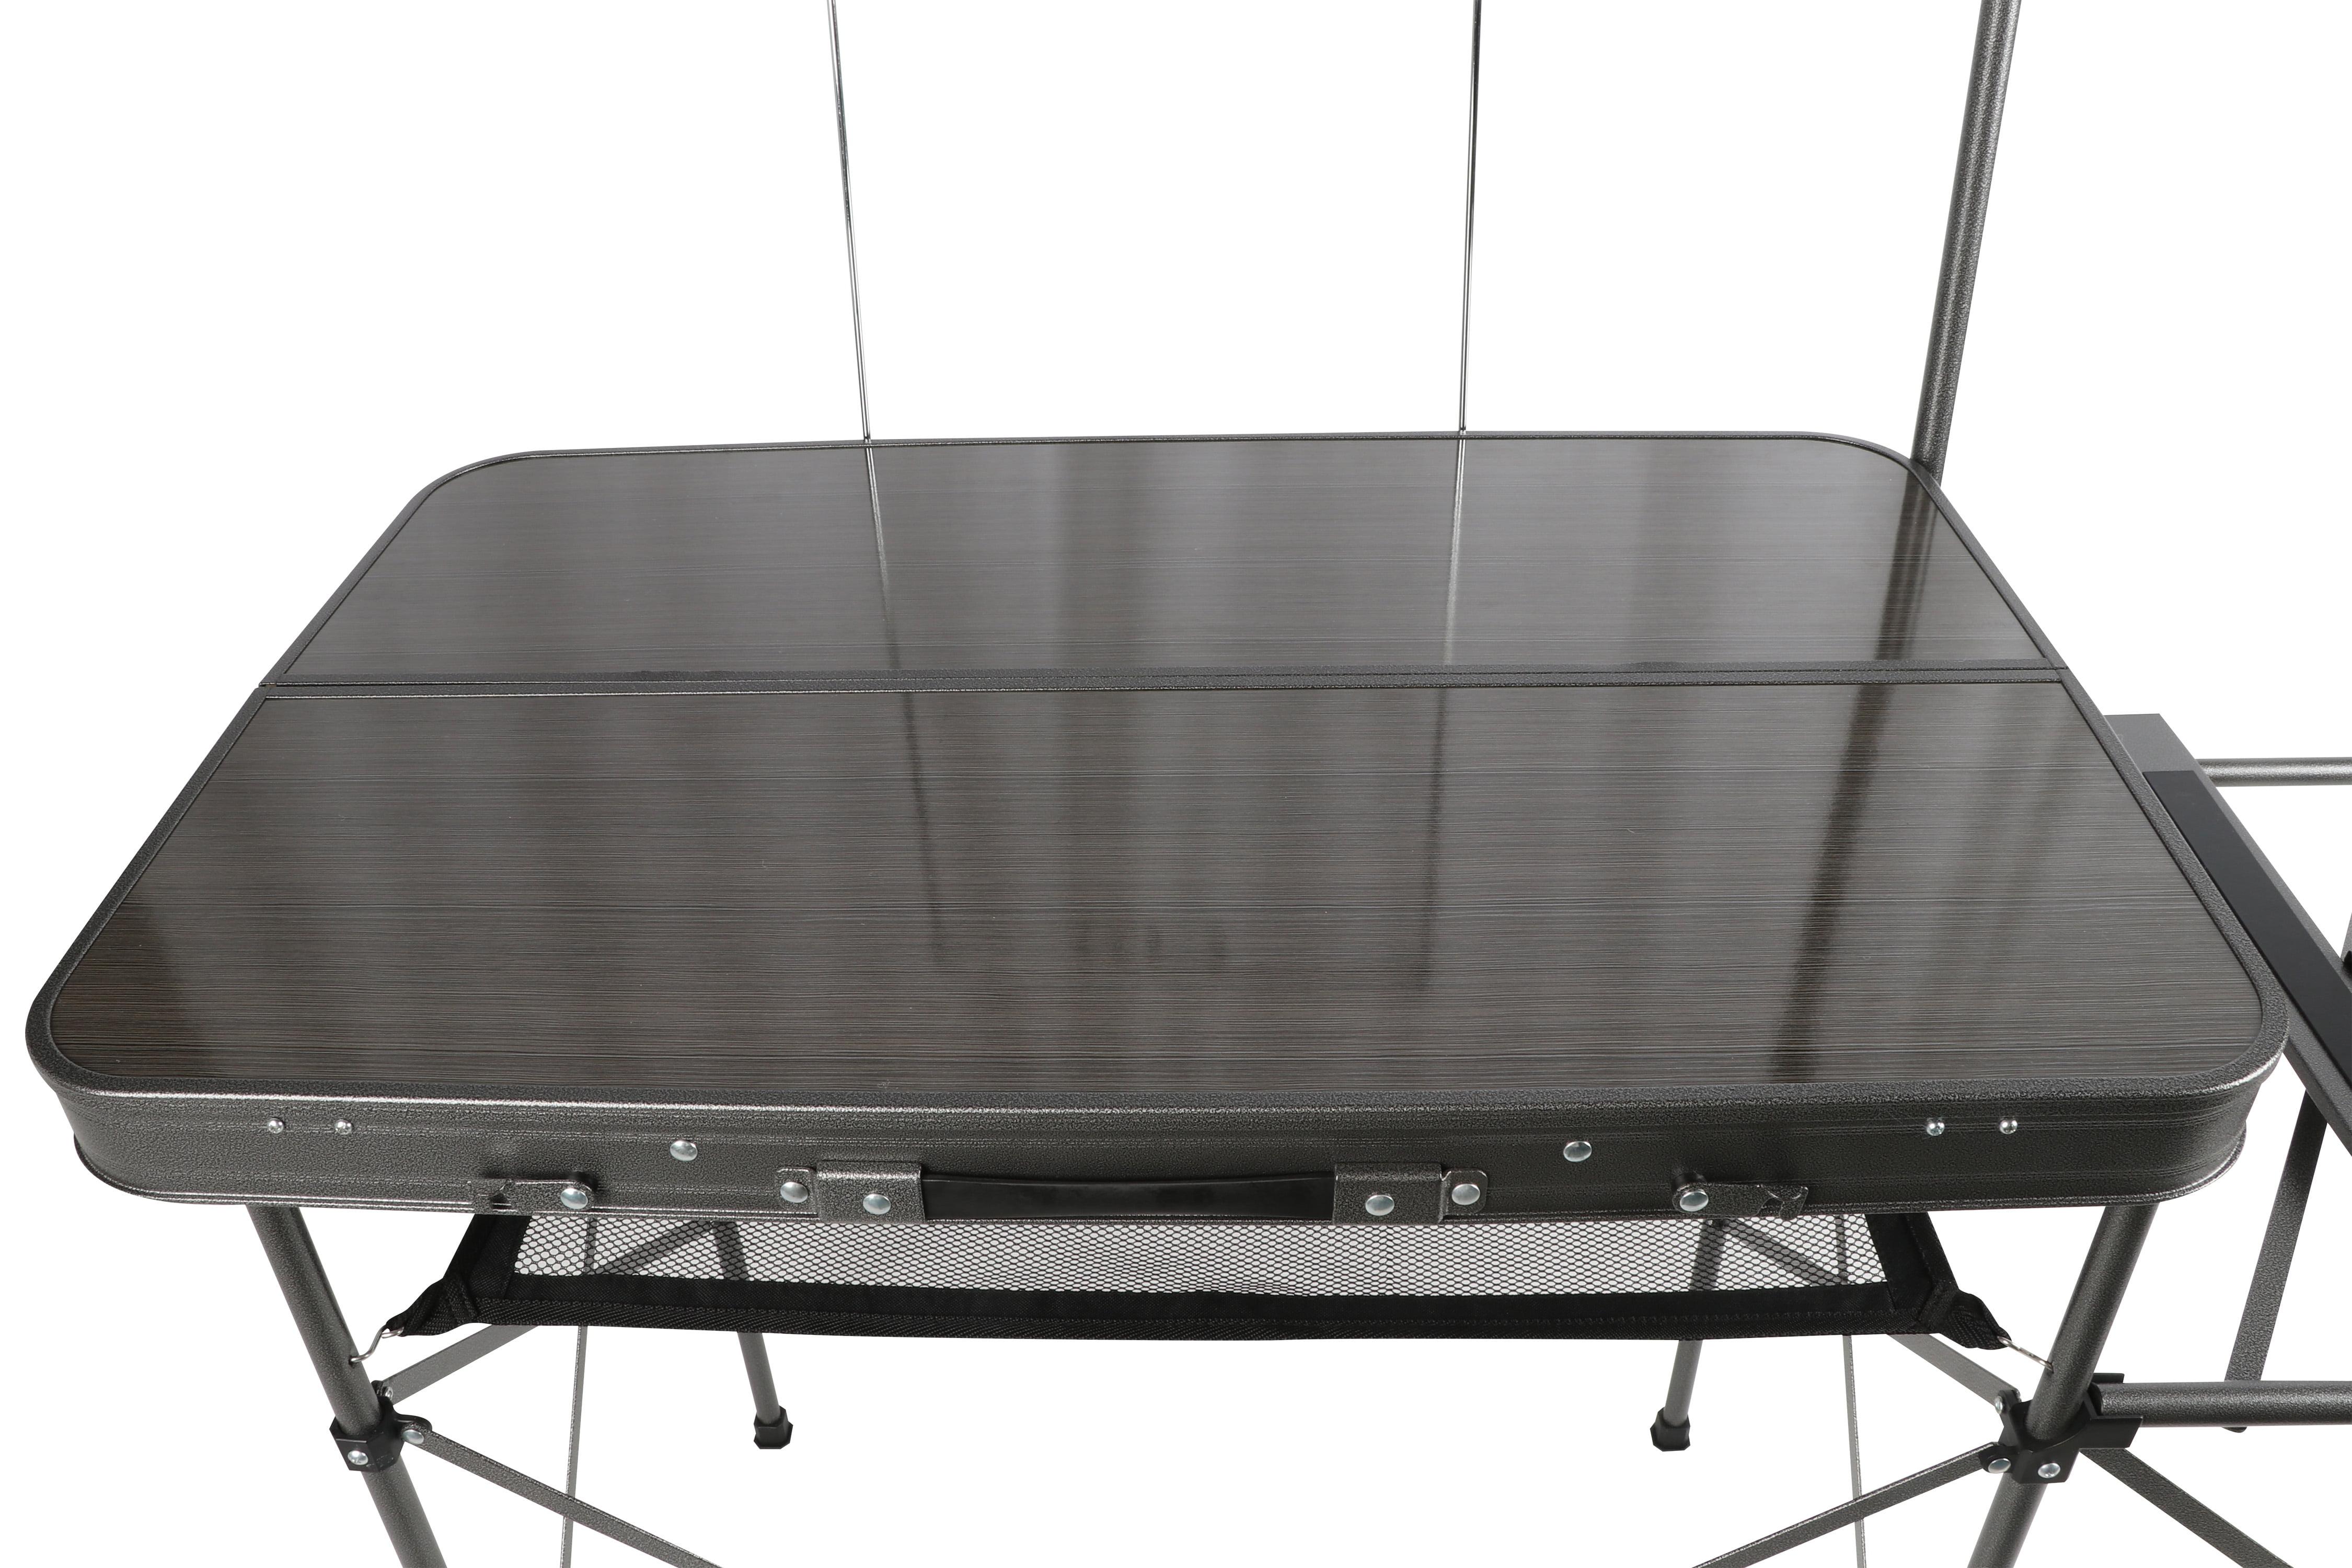 Ozark Trail Camping Table Silver 56 L X 21 W X 72 H Walmart Com Walmart Com